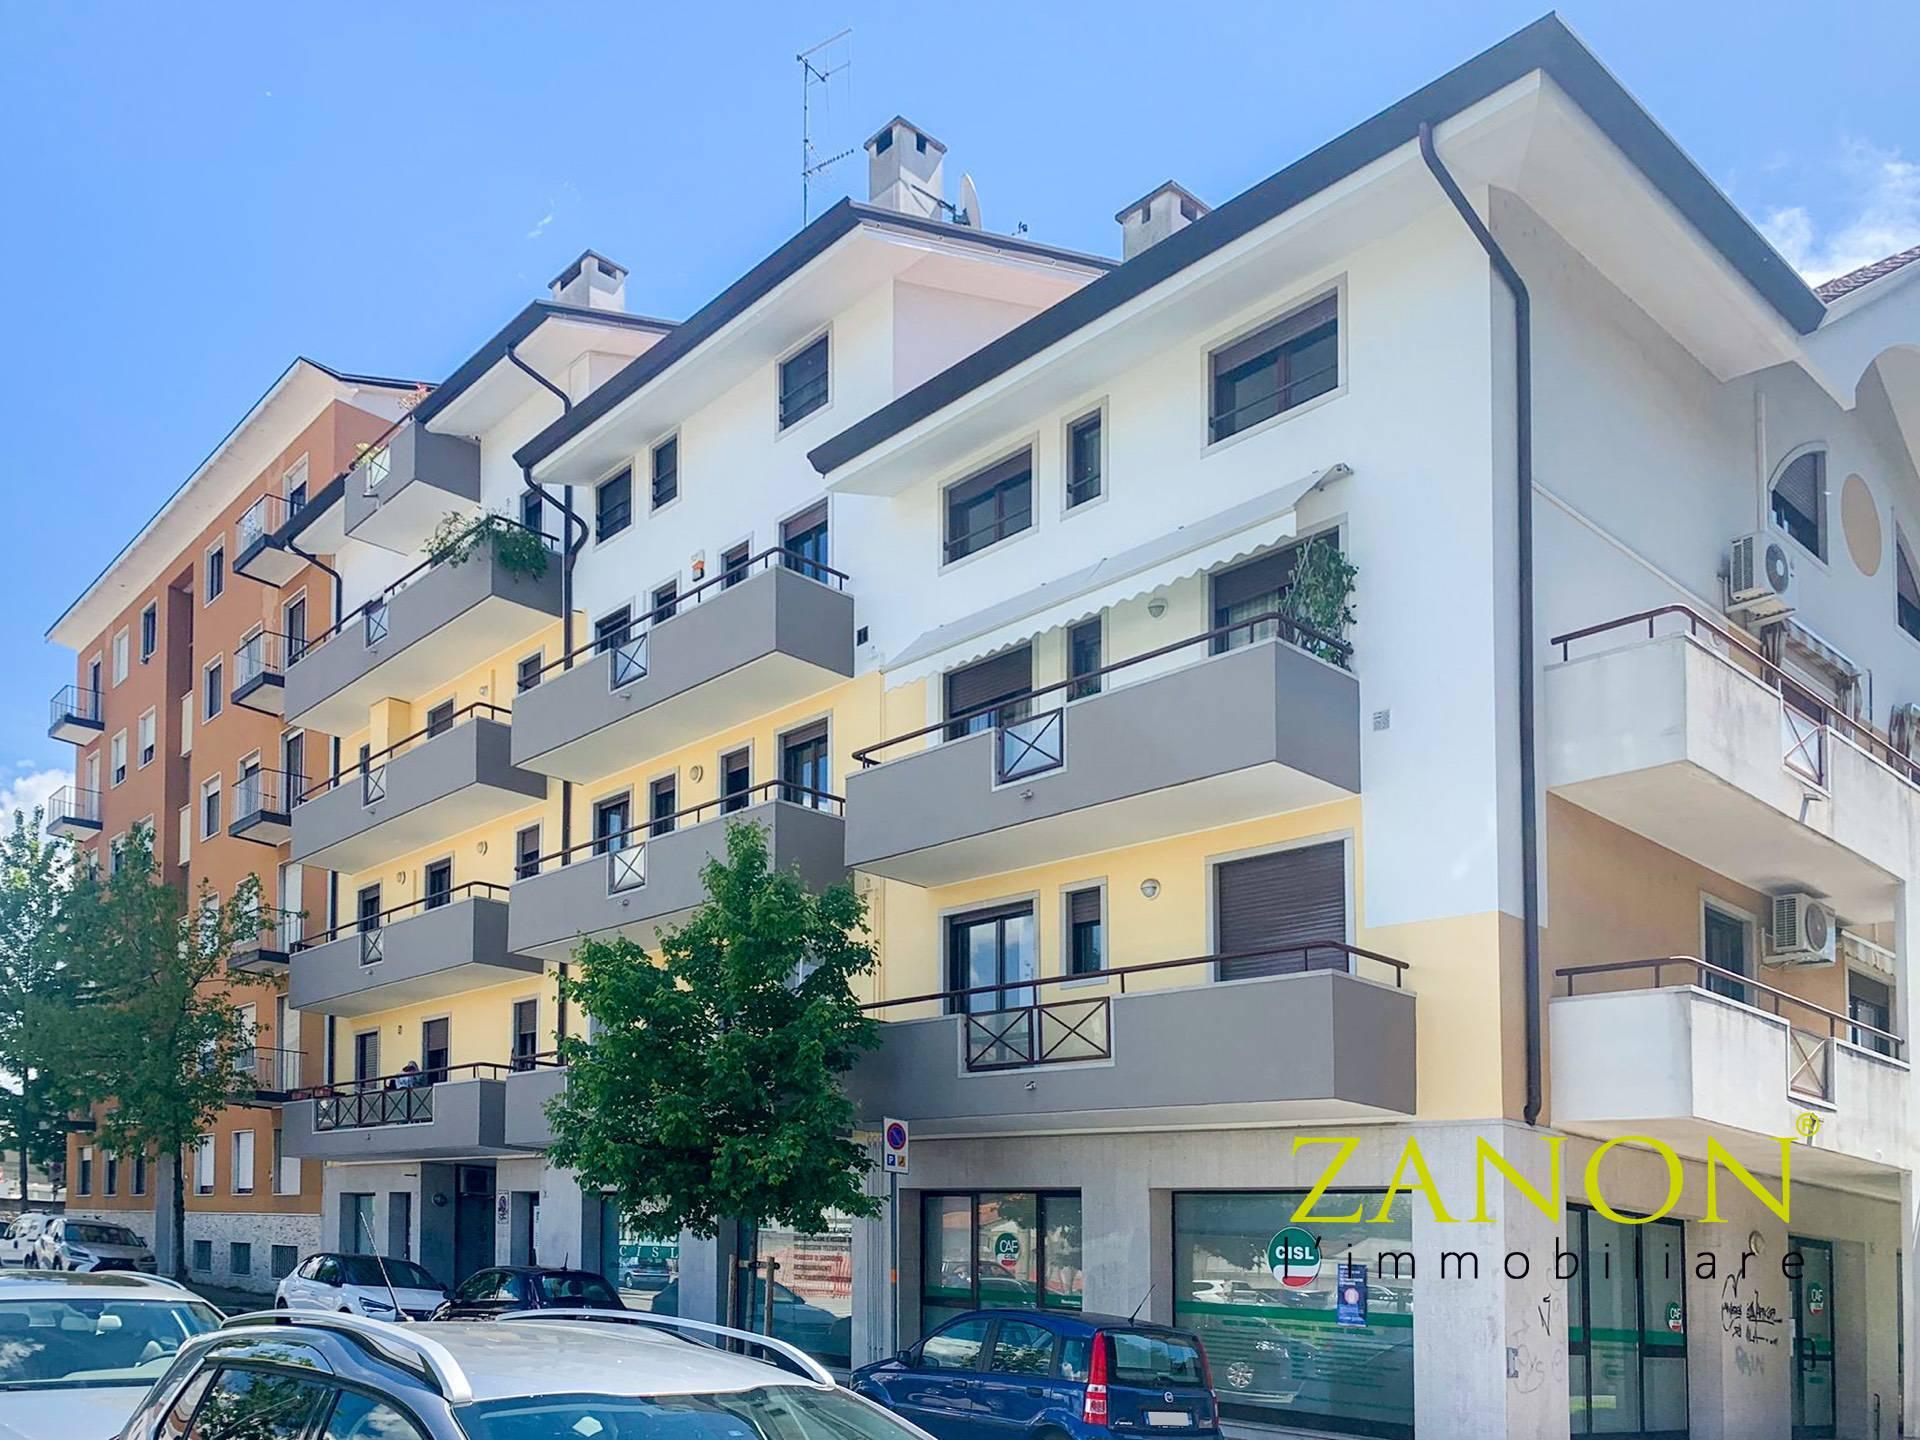 Appartamento in vendita a Gorizia, 8 locali, zona Località: CentraleCorsi, prezzo € 153.000   PortaleAgenzieImmobiliari.it